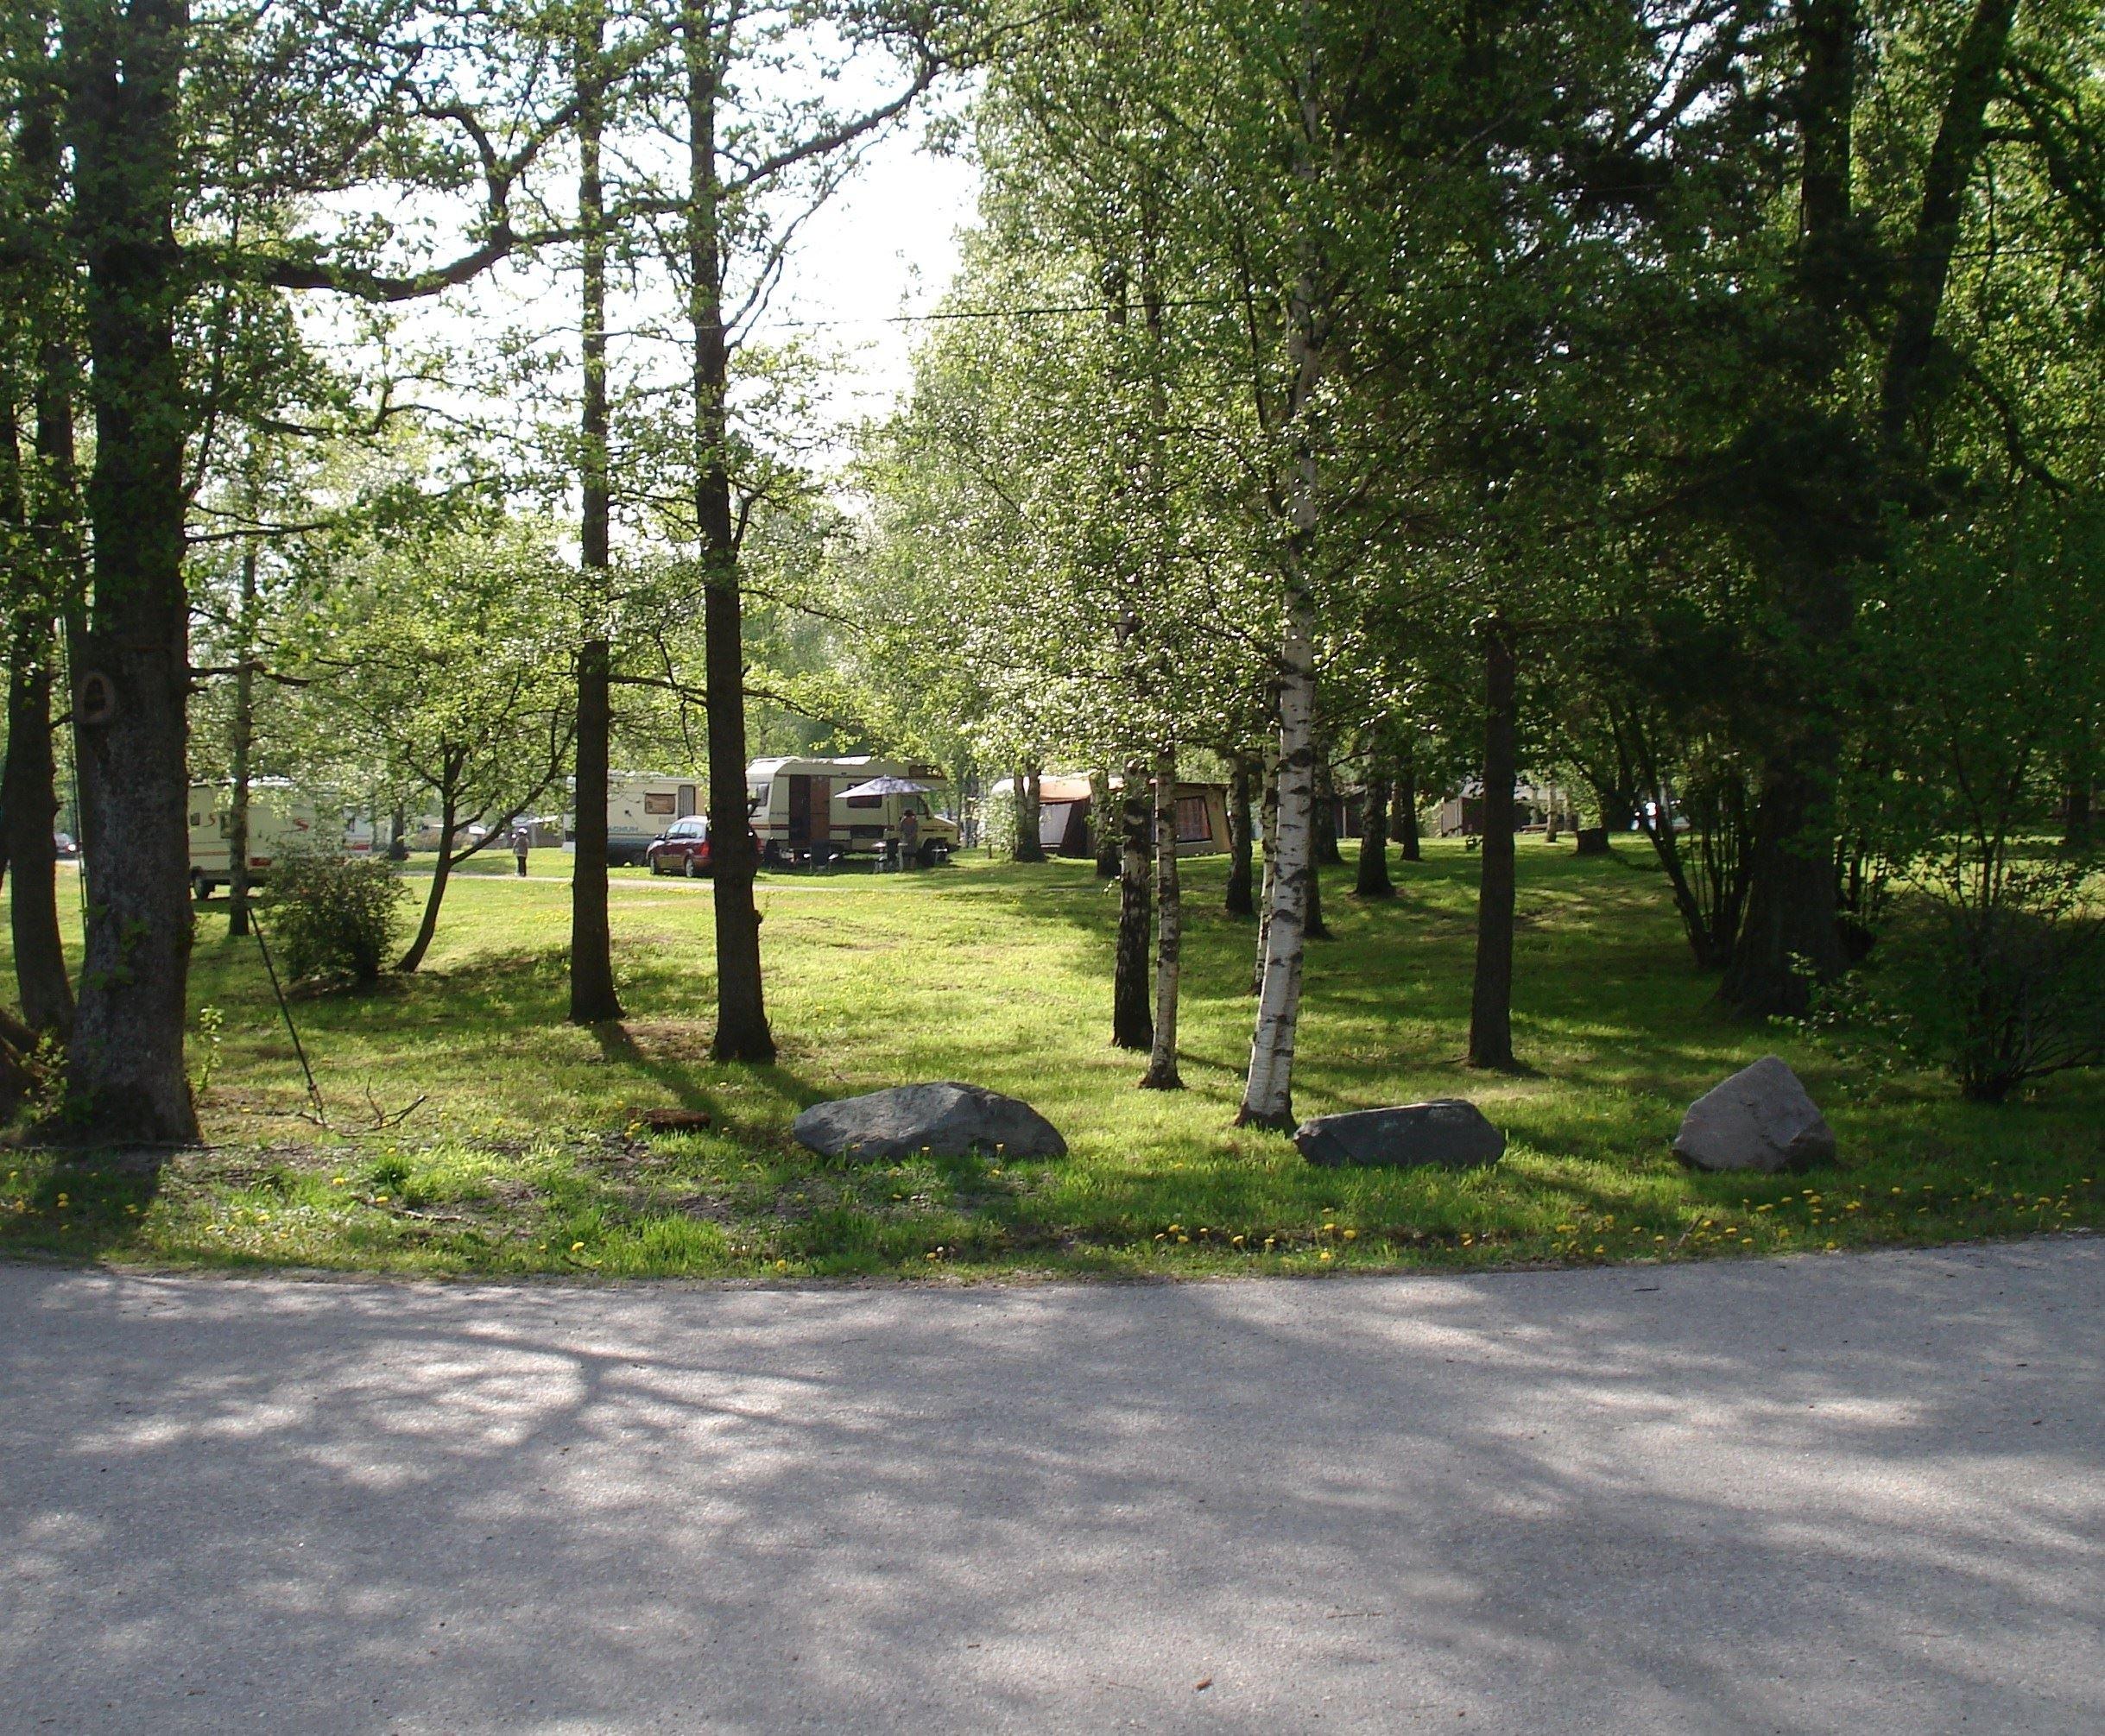 Gålö Havsbad / Camping